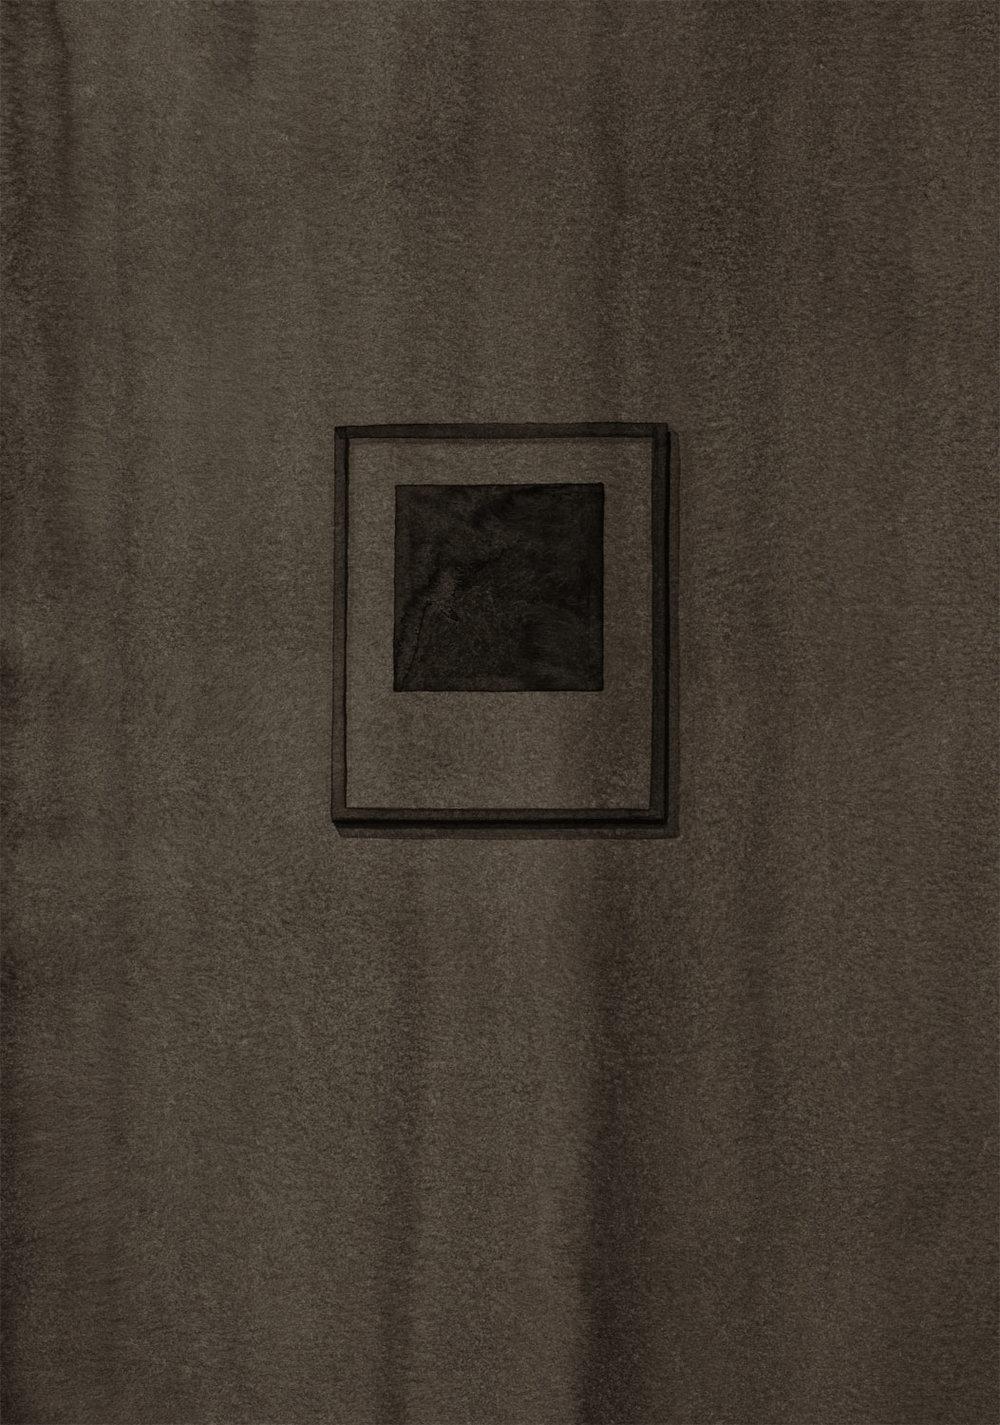 Imágenes de archivo #58, 2013